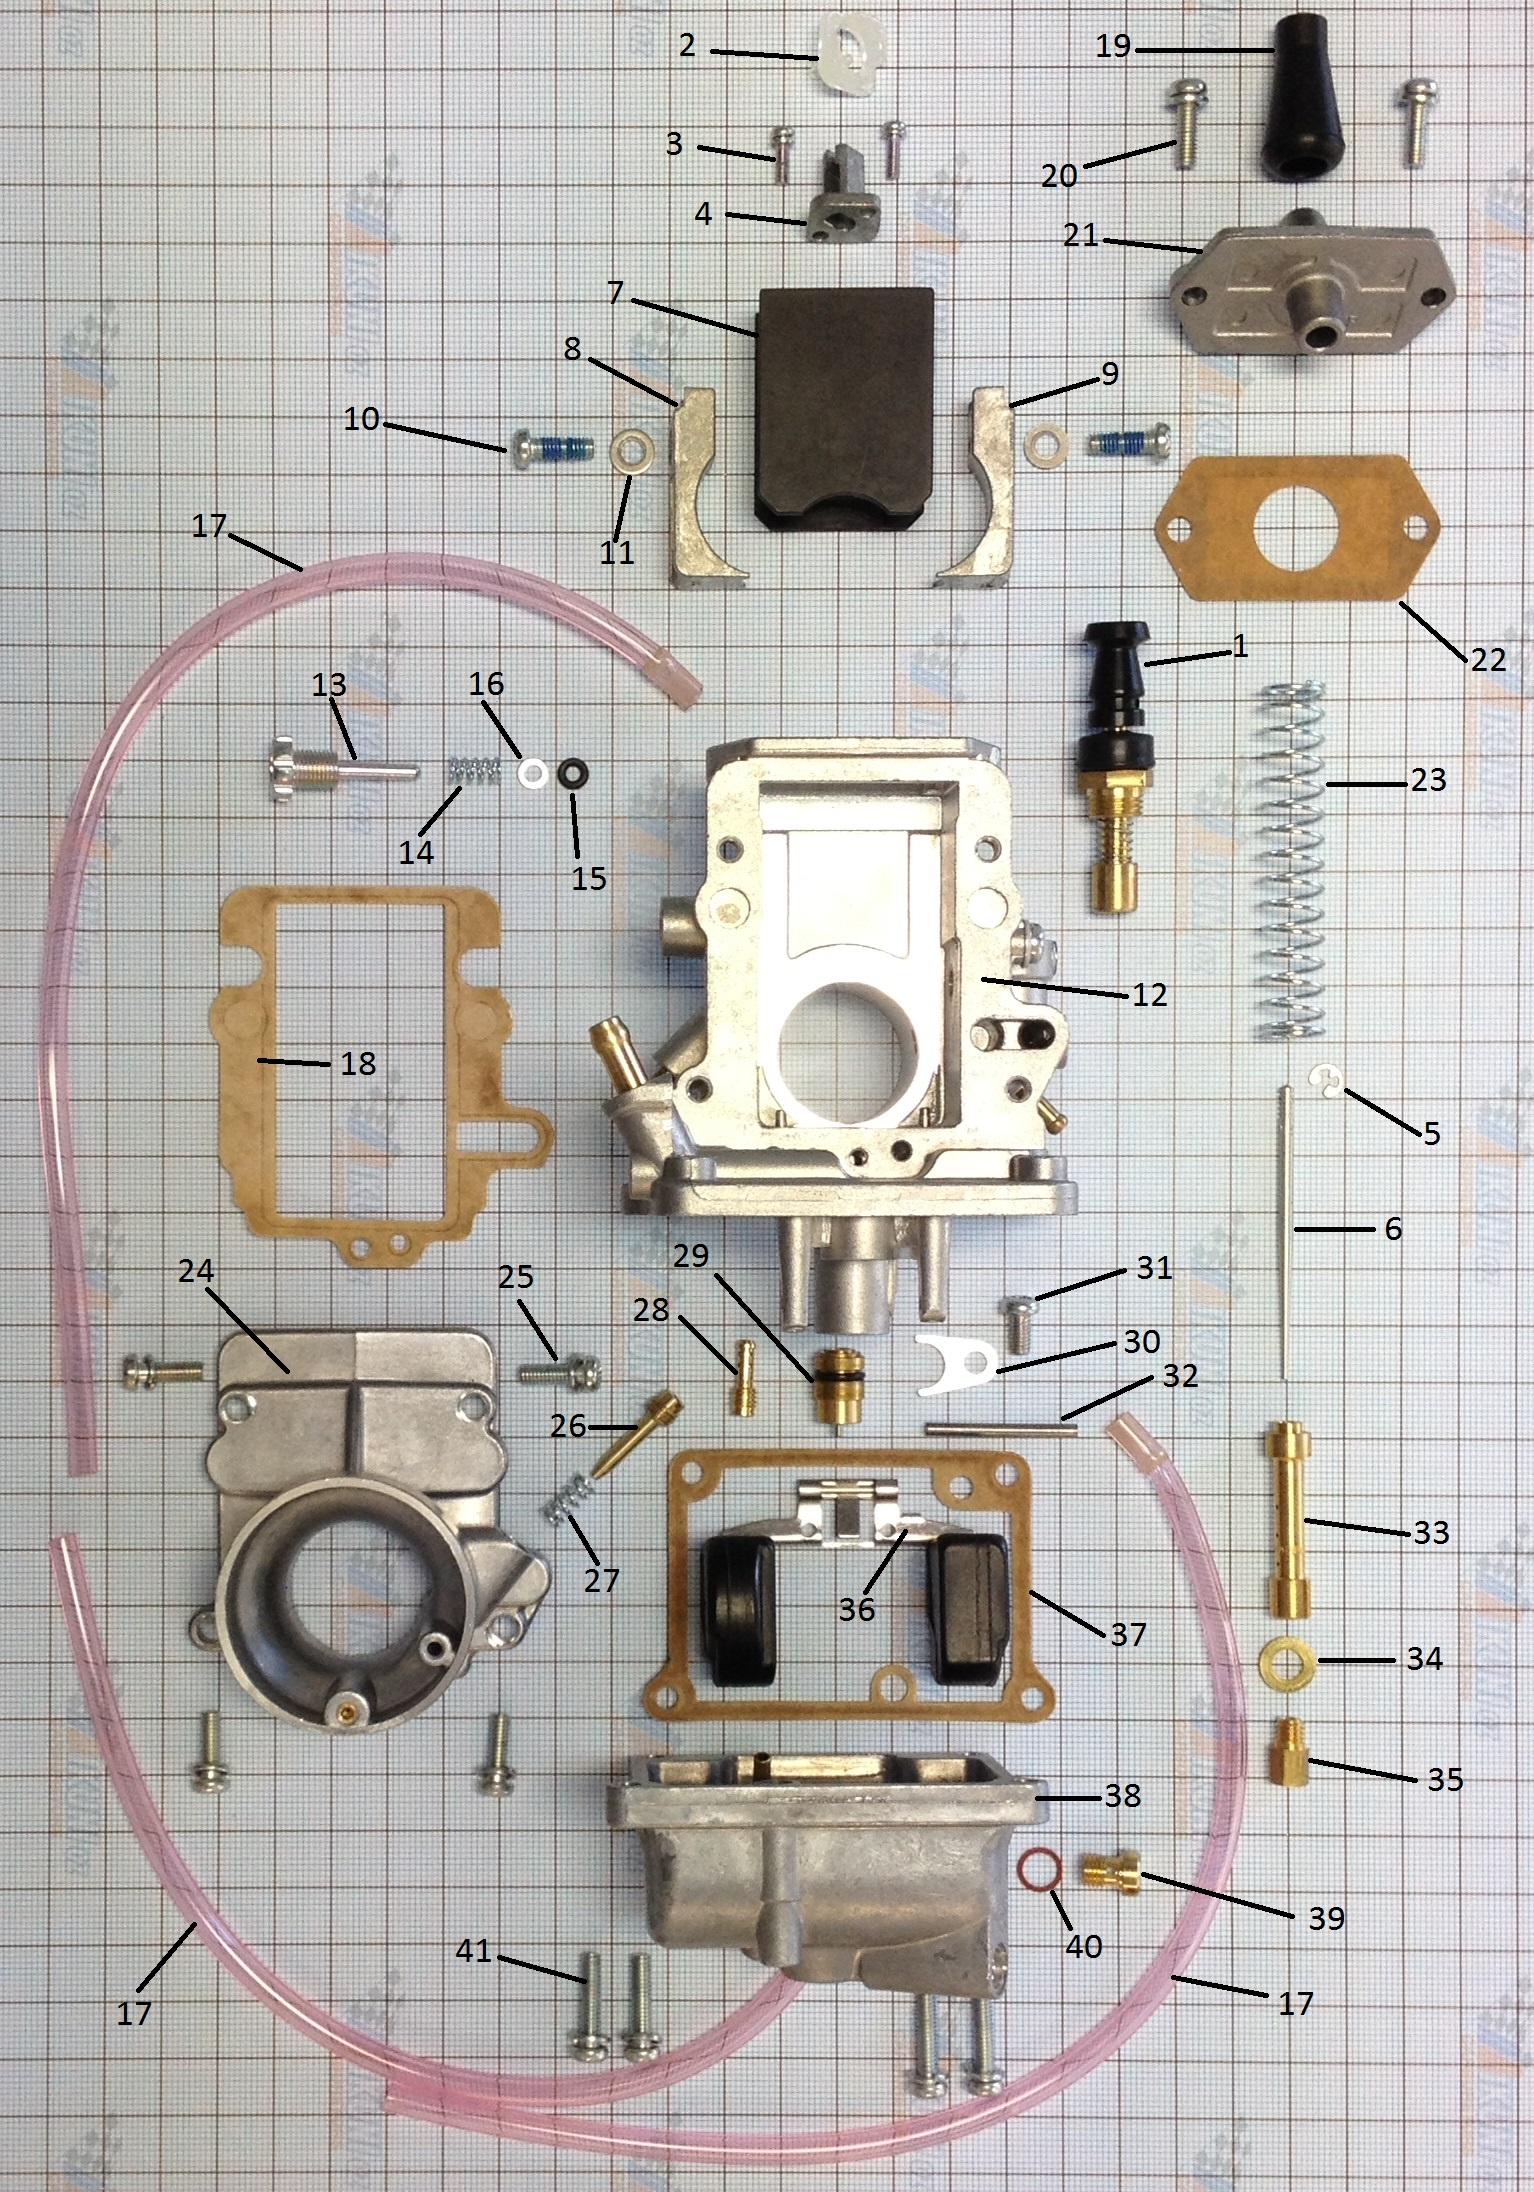 Keihin Carburetor Identification Circuit Diagram Maker